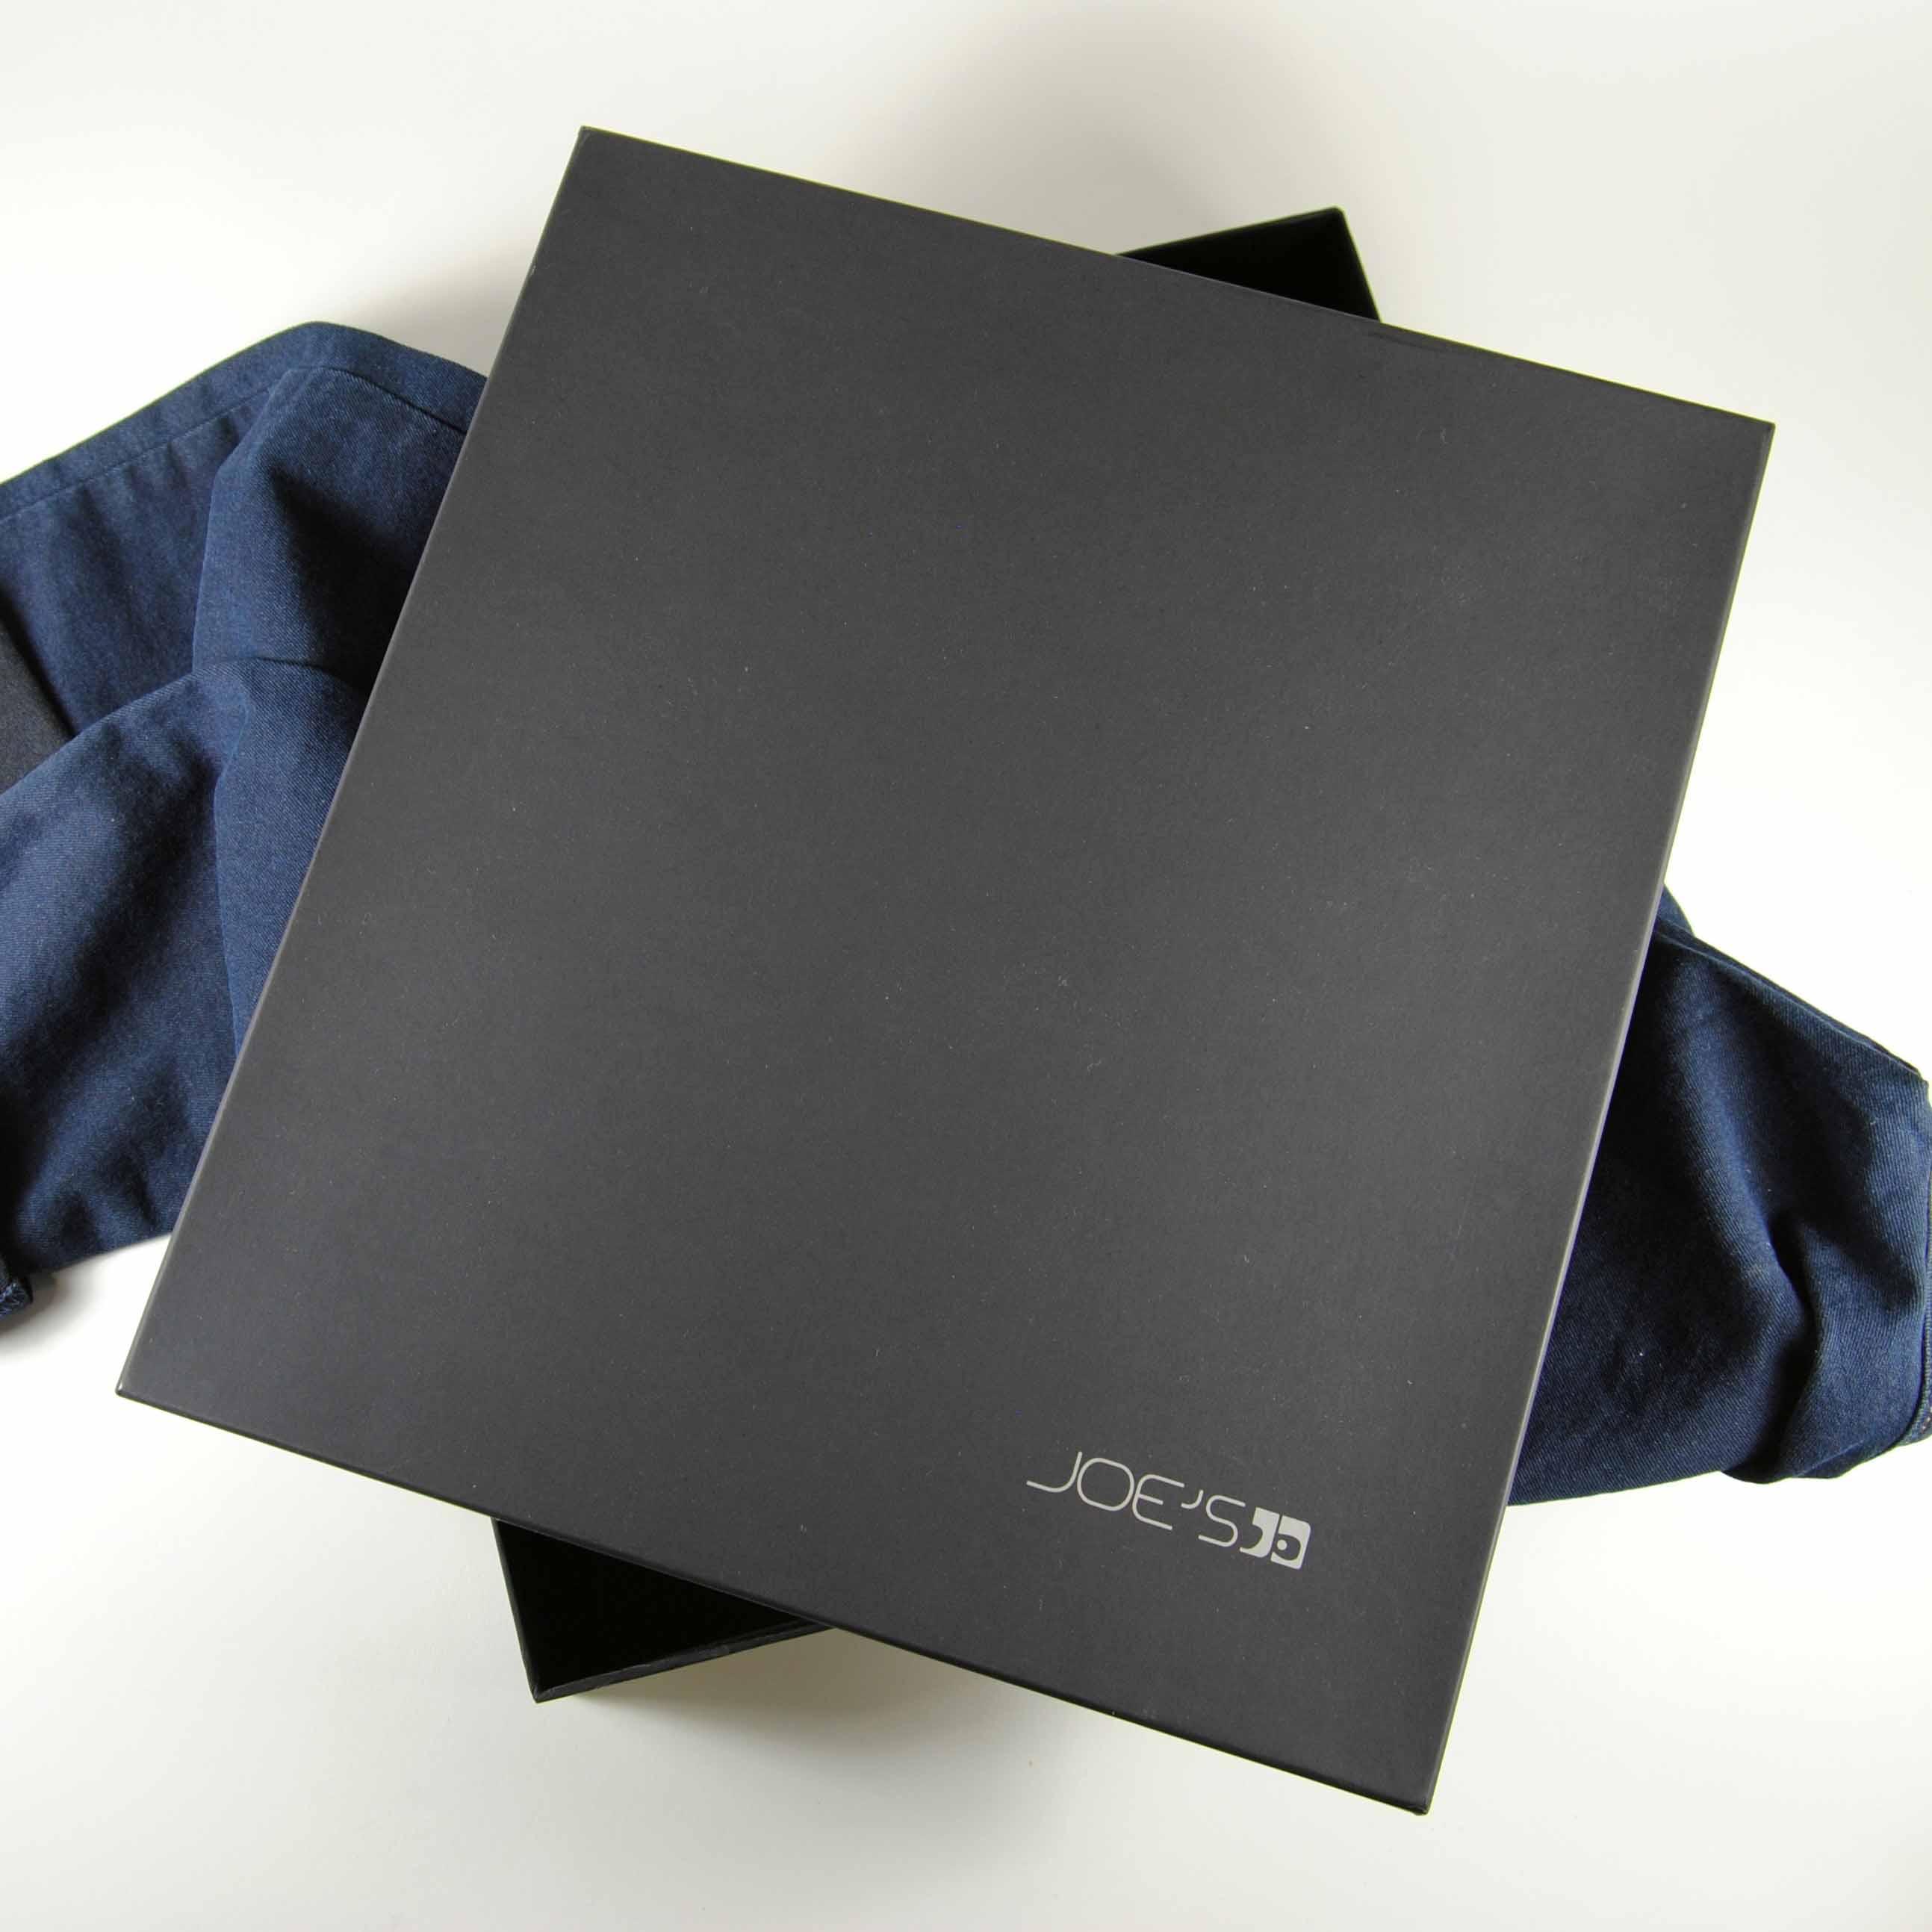 Brand-I.D.-Packaging-for-Joes_jeans.jpg